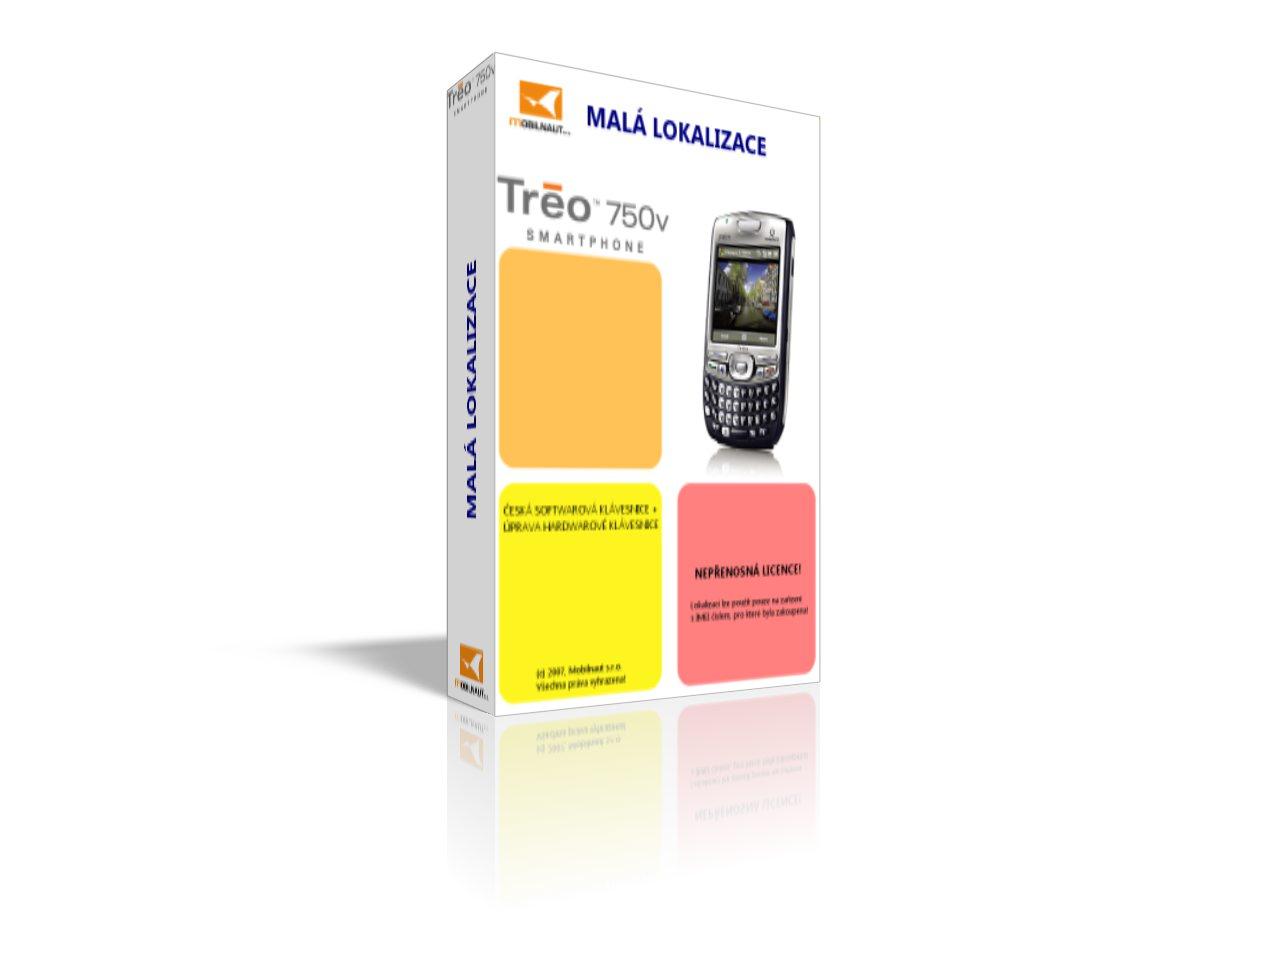 Mobilnaut - velká lokalizace pro Treo 750